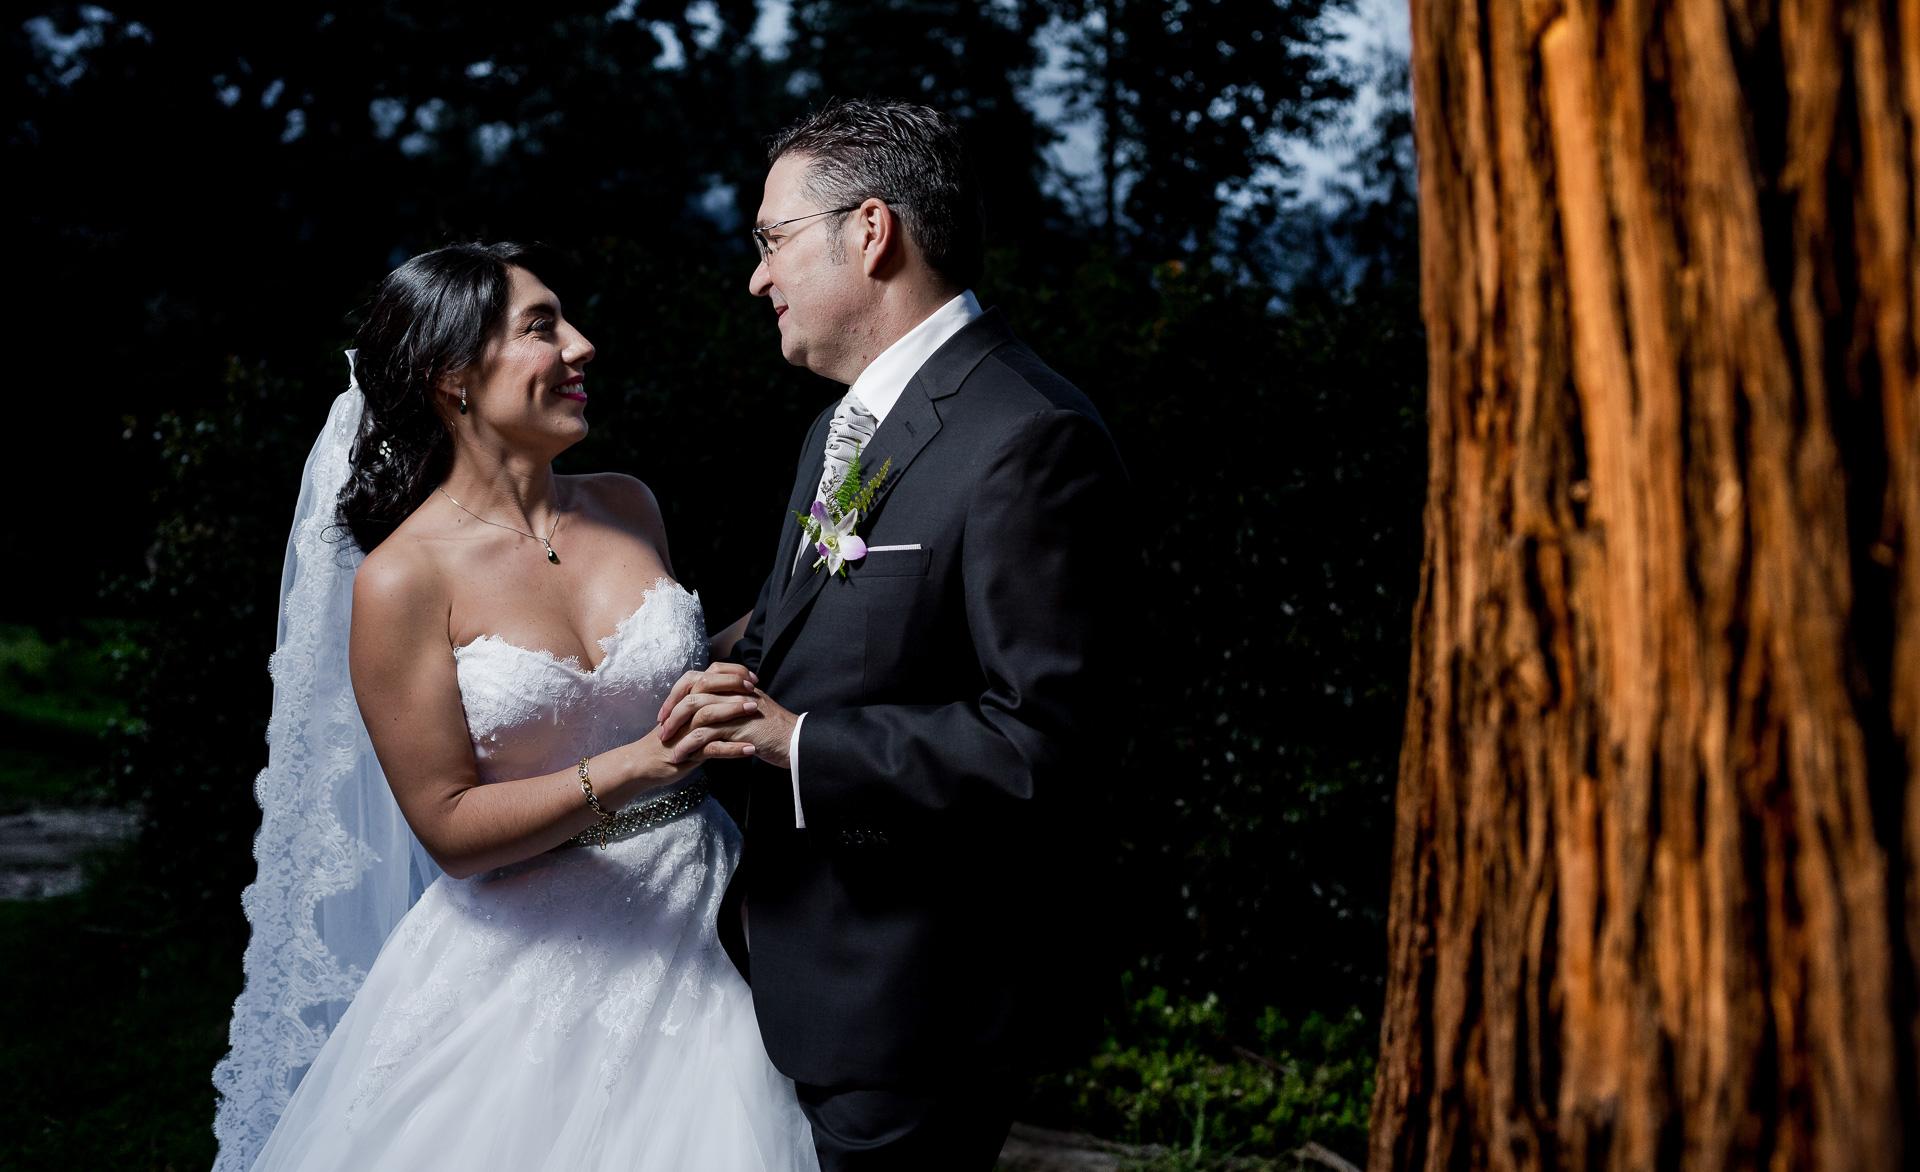 Fotógrafos-de-bodas-en-Colombia-Angela-y-Antonio-46 ANGELA Y ANTONIO